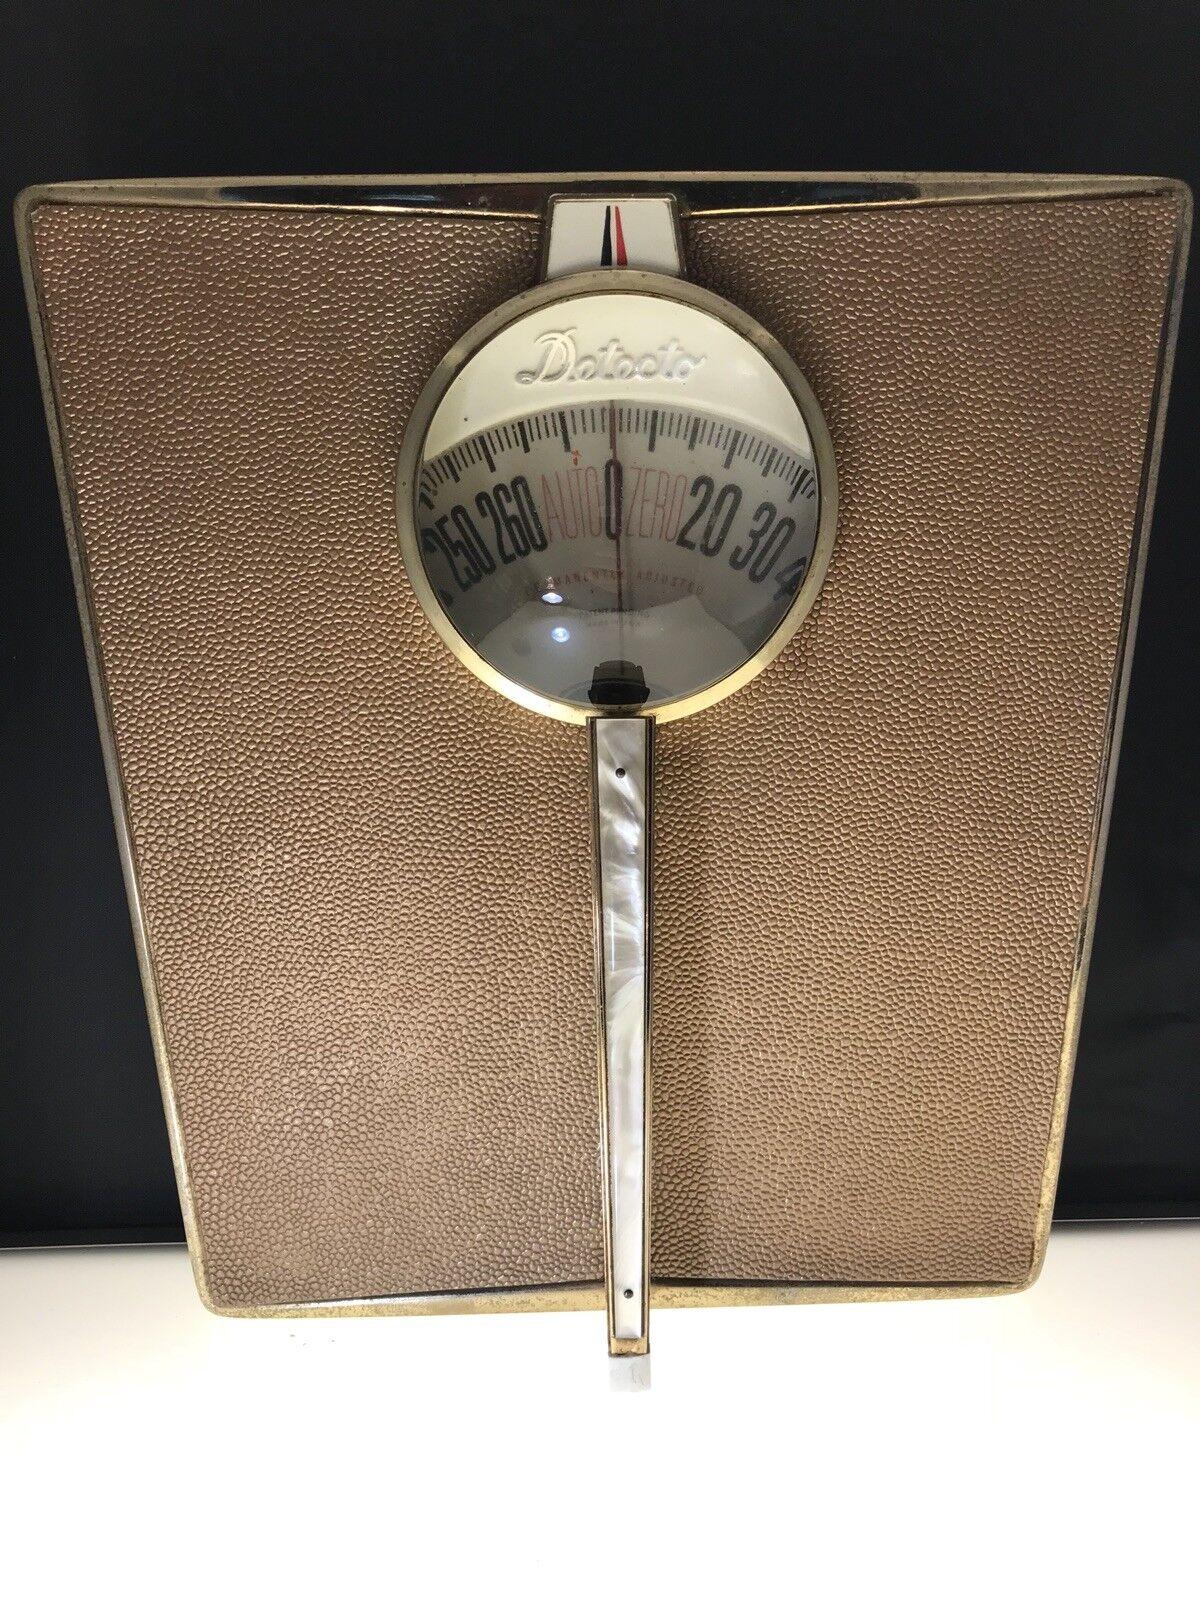 1950's 60's Retro Detecto Scale